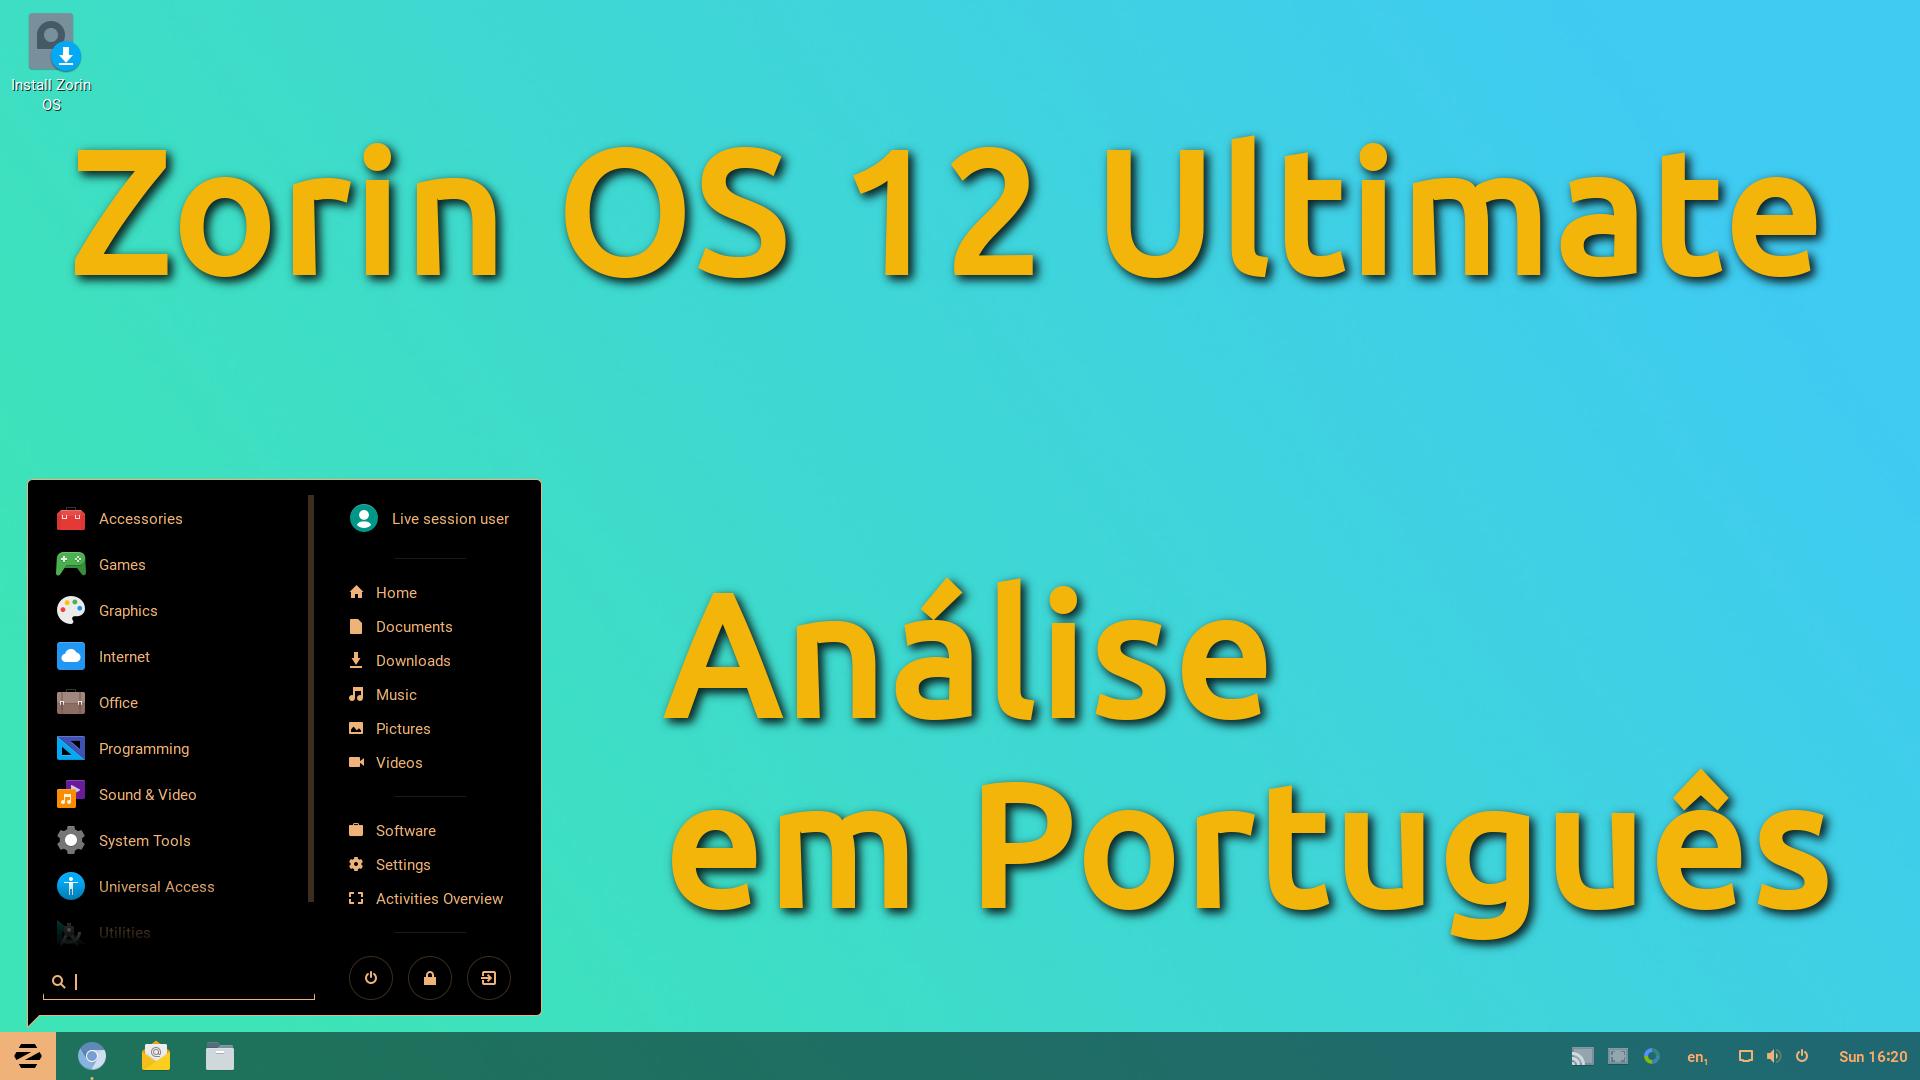 Zorin OS 12 Ultimate – Análise em Português